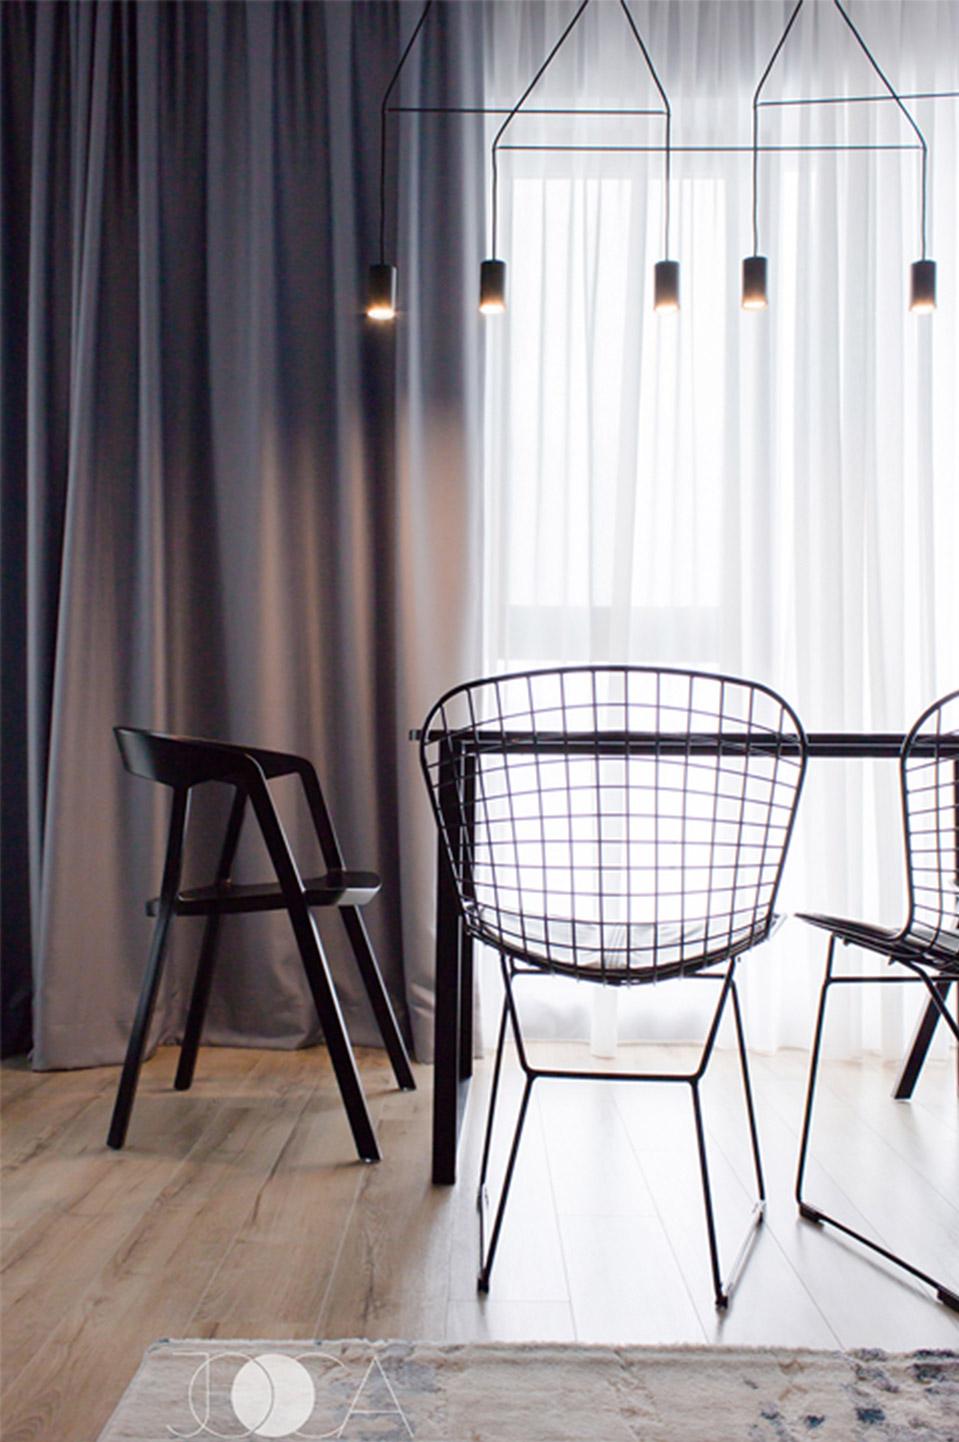 Zona de dining este pozitionata in fata ferestrelor mari din living. Am ales un corp de iluminat cat mai slim si minimal, pentru a nu obtura vederea catre exterior.